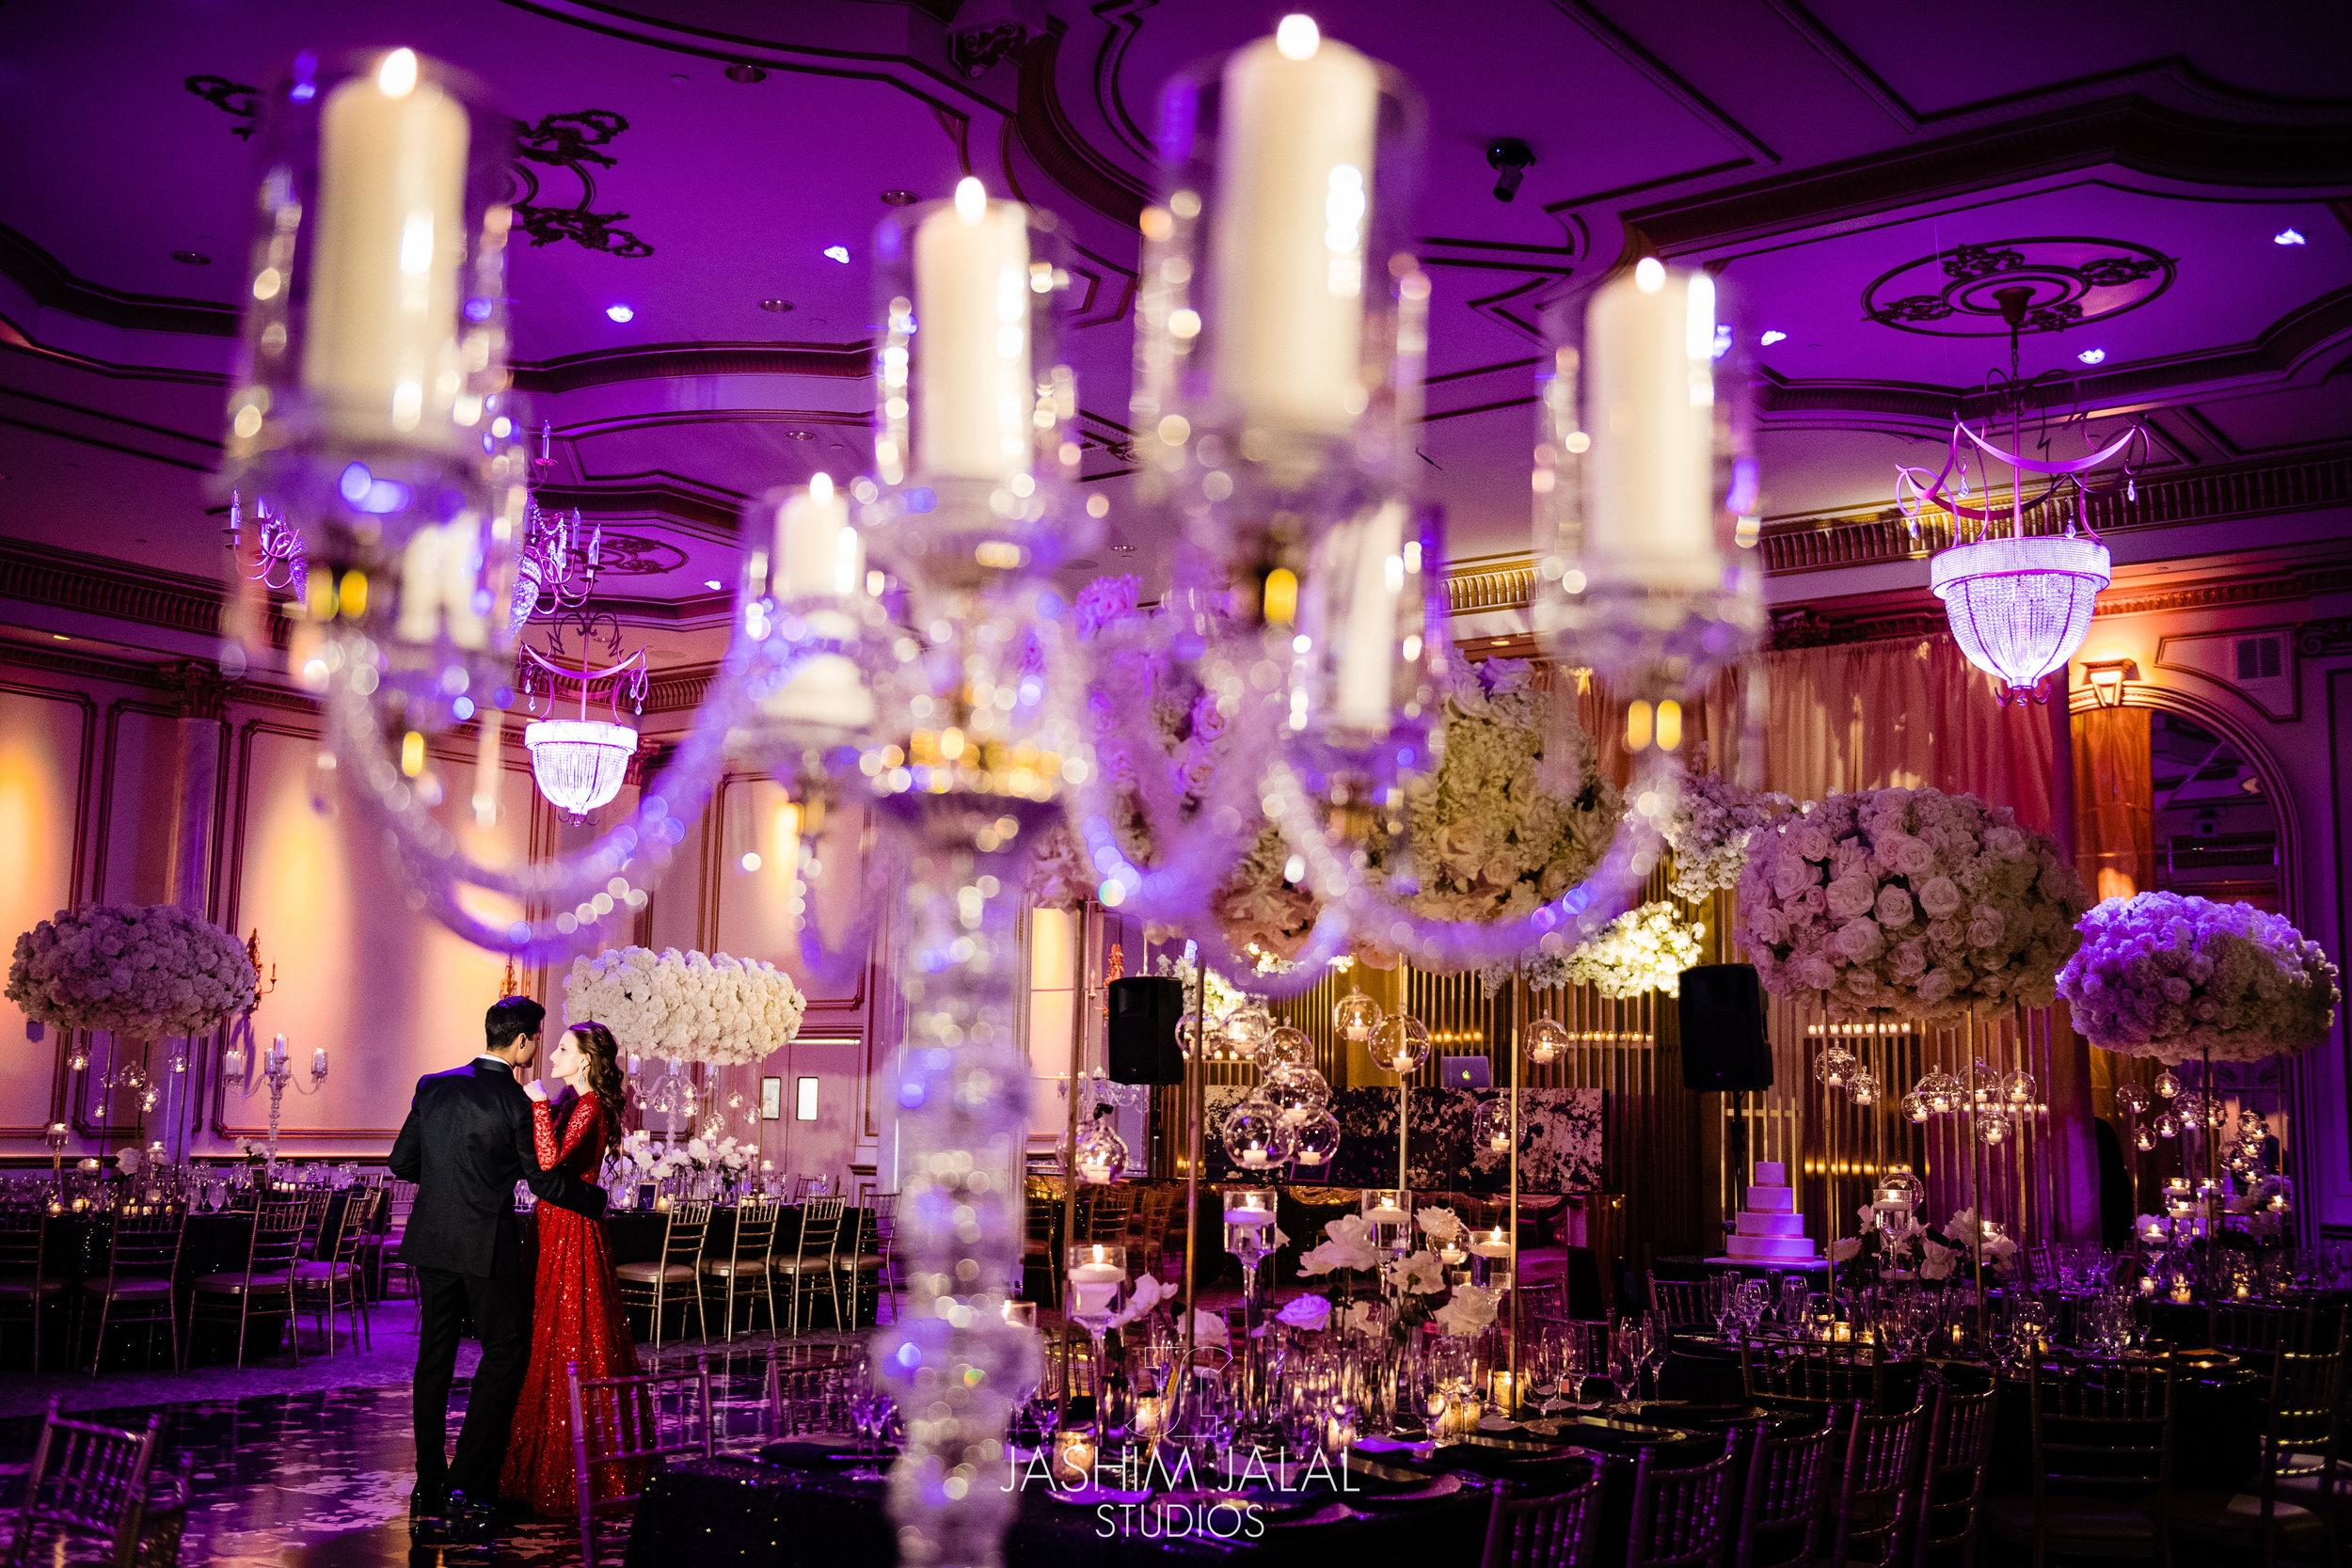 INDIAN WEDDING BRIDE AND GROOM IN VENUE2.jpg